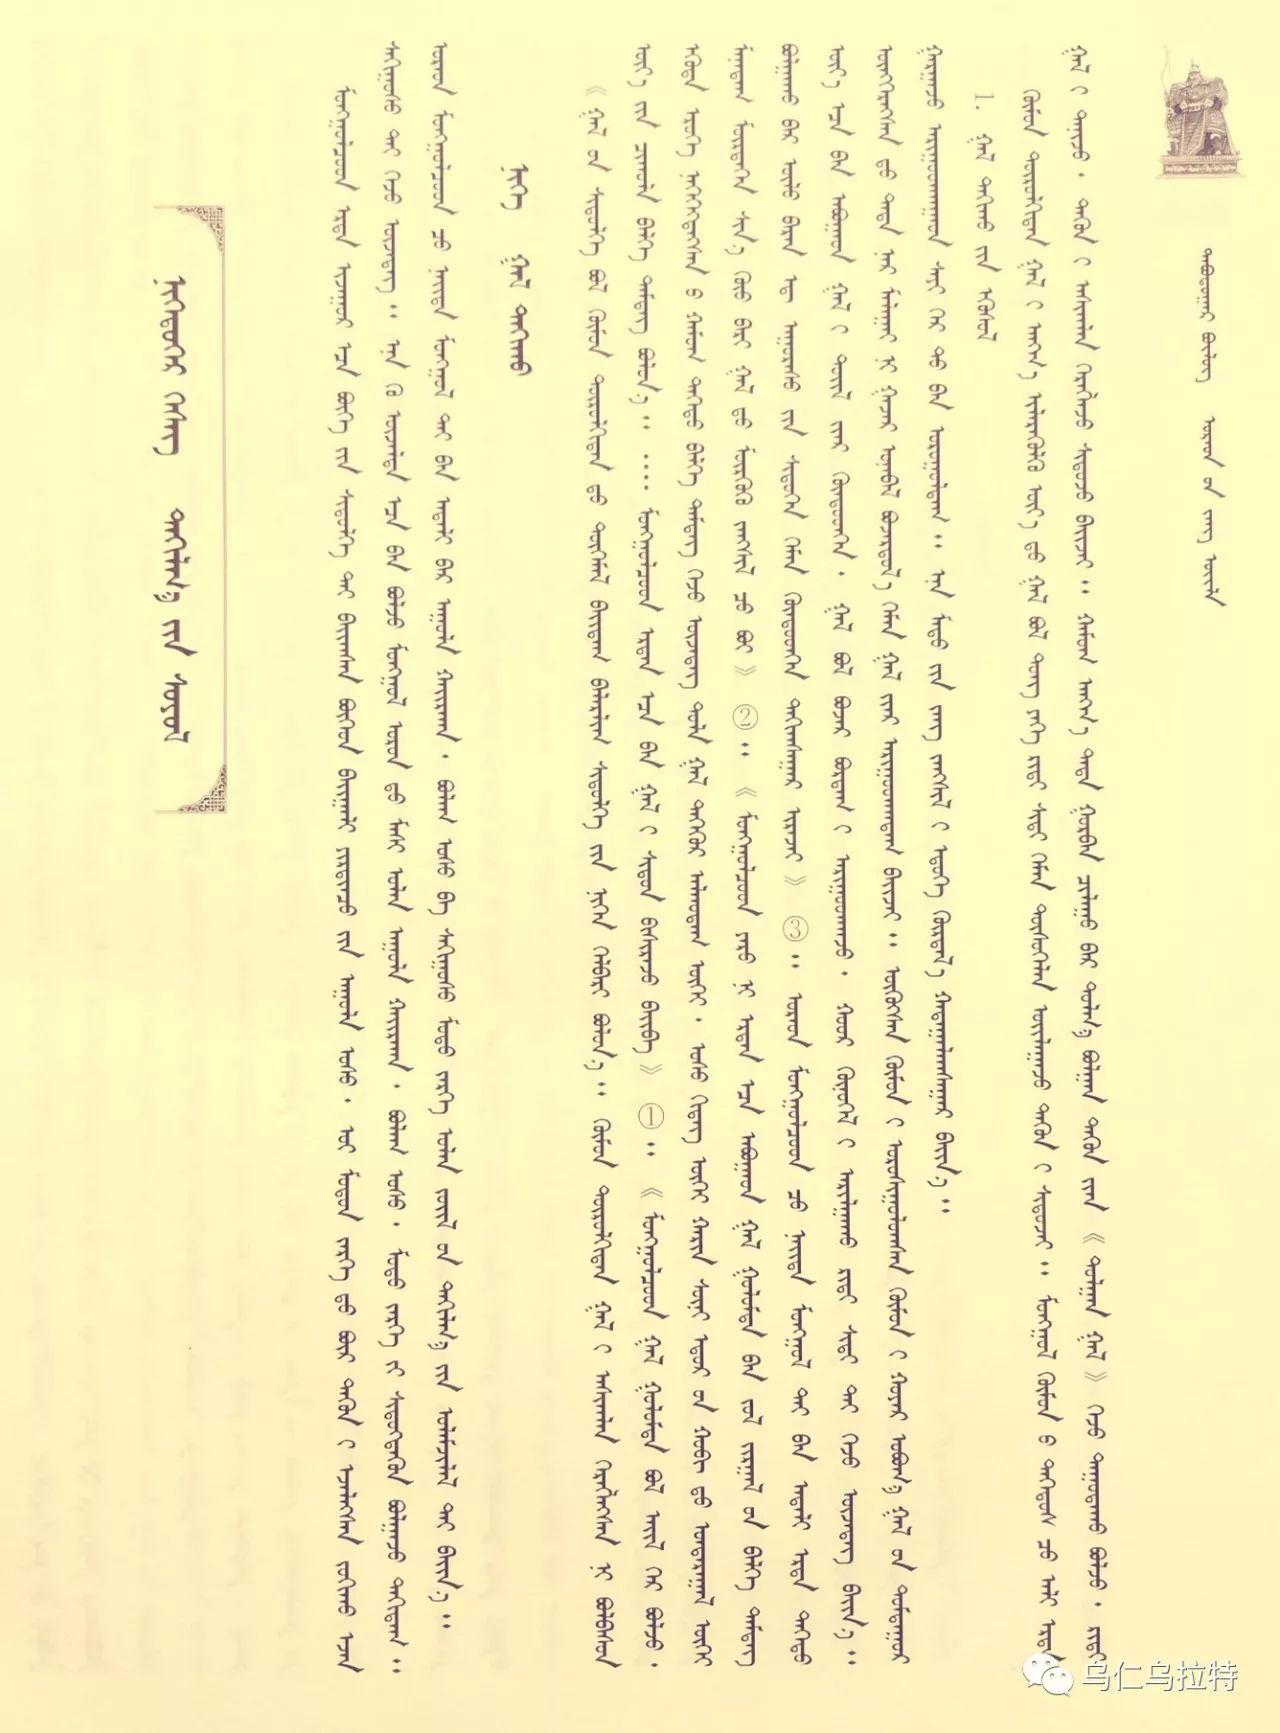 图书介绍《乌拉特历史文化》 第41张